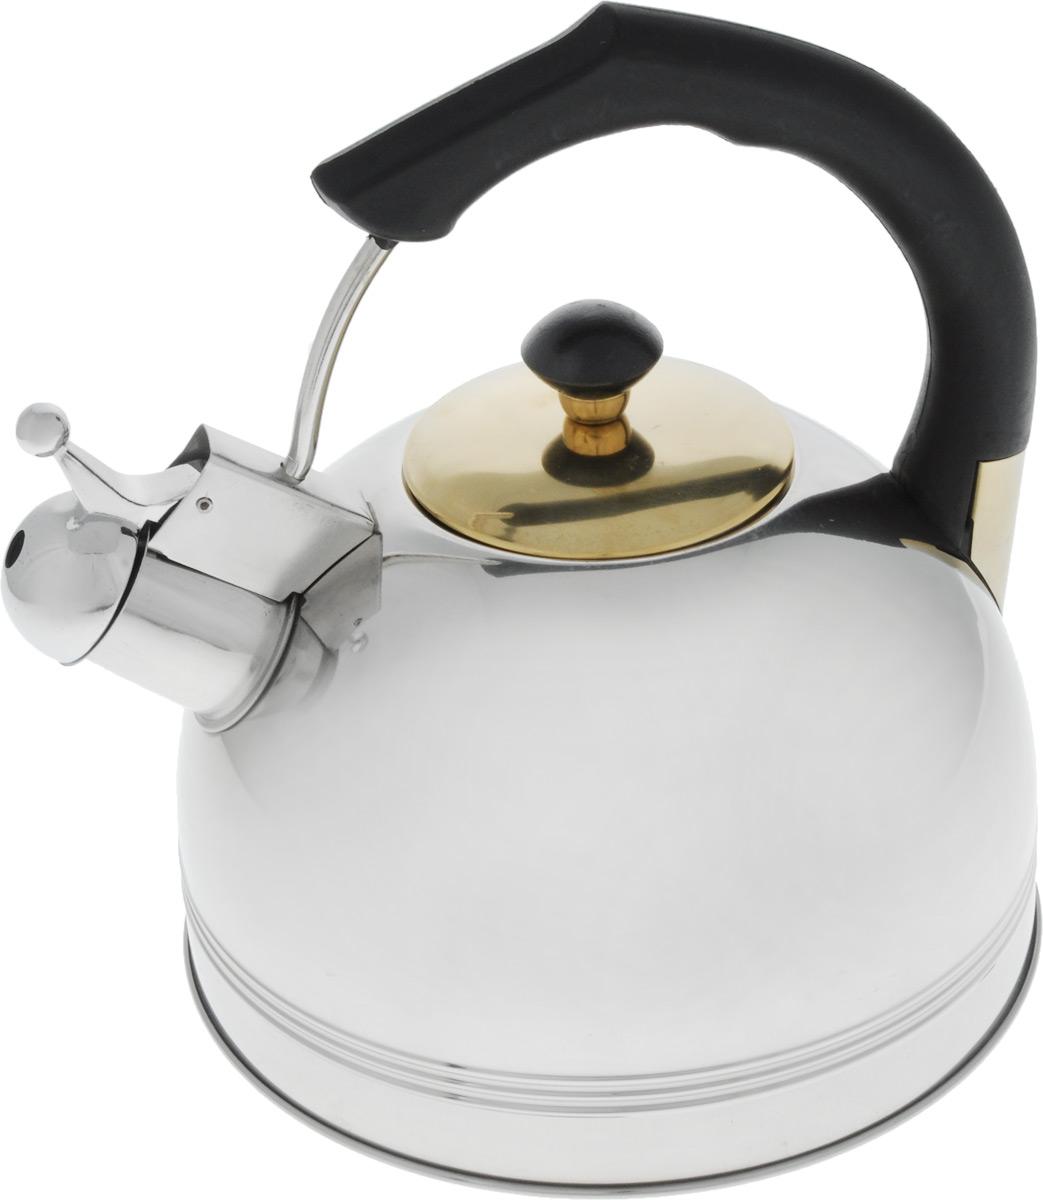 Чайник Bohmann, со свистком, 3 л115510Чайник Bohmann выполнен из высококачественной нержавеющей стали, что делает его весьма гигиеничным и устойчивым к износу при длительном использовании. Носик чайника оснащен свистком, что позволит вам контролировать процесс подогрева или кипячения воды. Фиксированная ручка изготовлена из бакелита. Зеркальная полировка придает чайнику изысканный внешний вид. Эстетичный и функциональный чайник будет оригинально смотреться в любом интерьере.Подходит для использования на всех типах плит. Можно мыть в посудомоечной машине. Высота чайника (с учетом ручки и крышки): 23 см.Диаметр чайника (по верхнему краю): 8,5 см.Диаметр основания: 20 см.